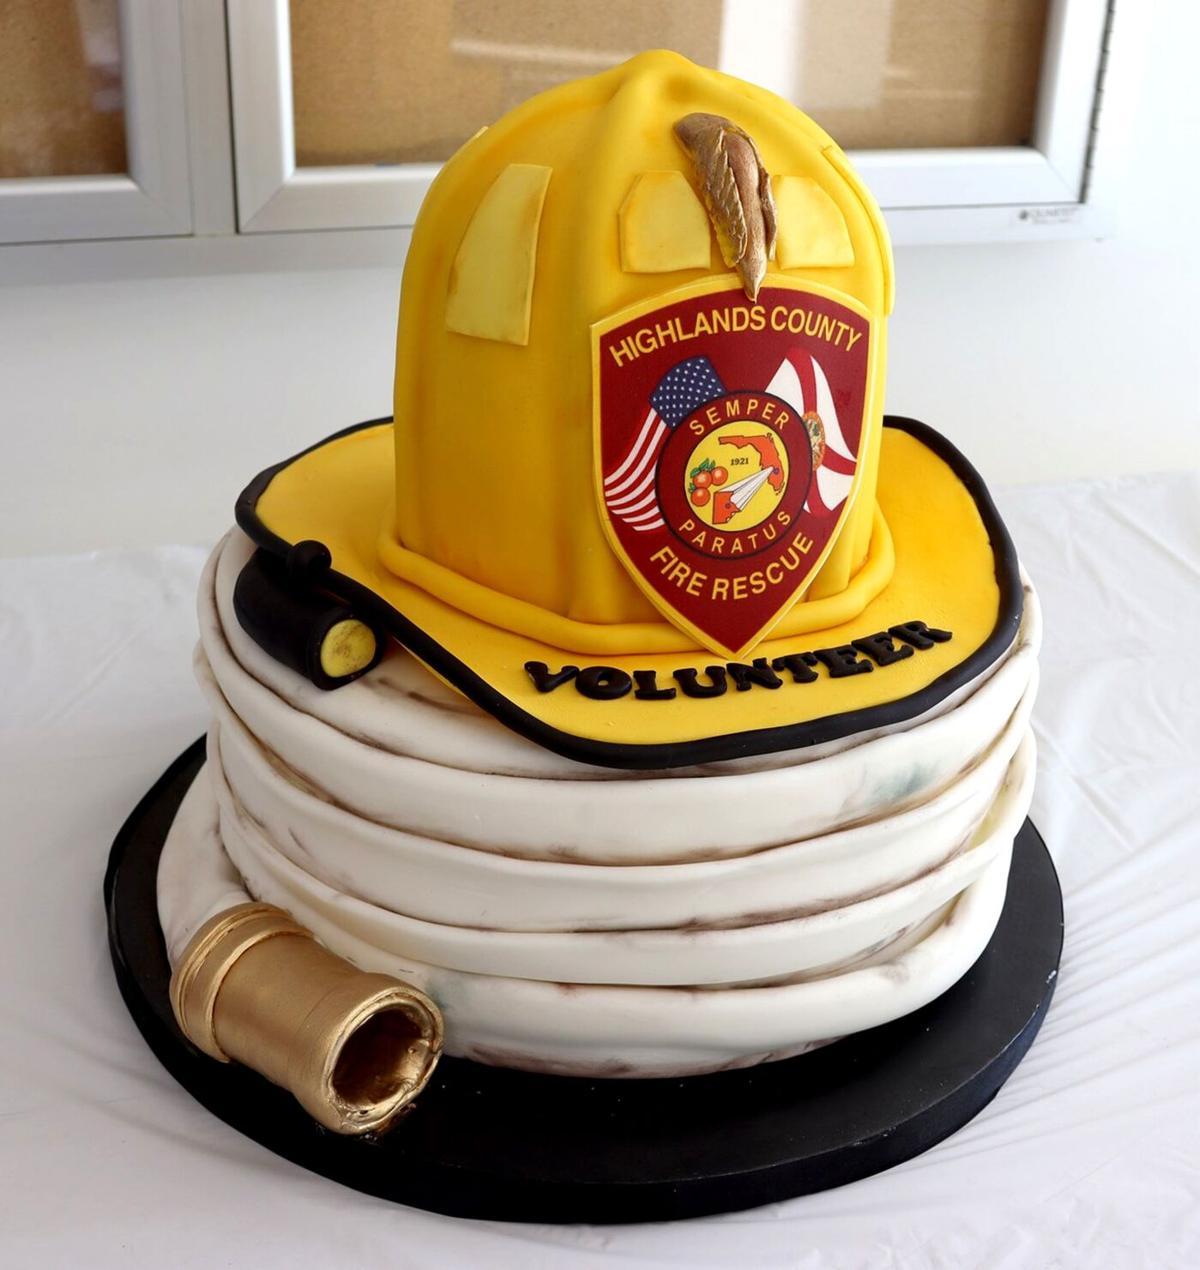 HCFR Helmet and Hose cake